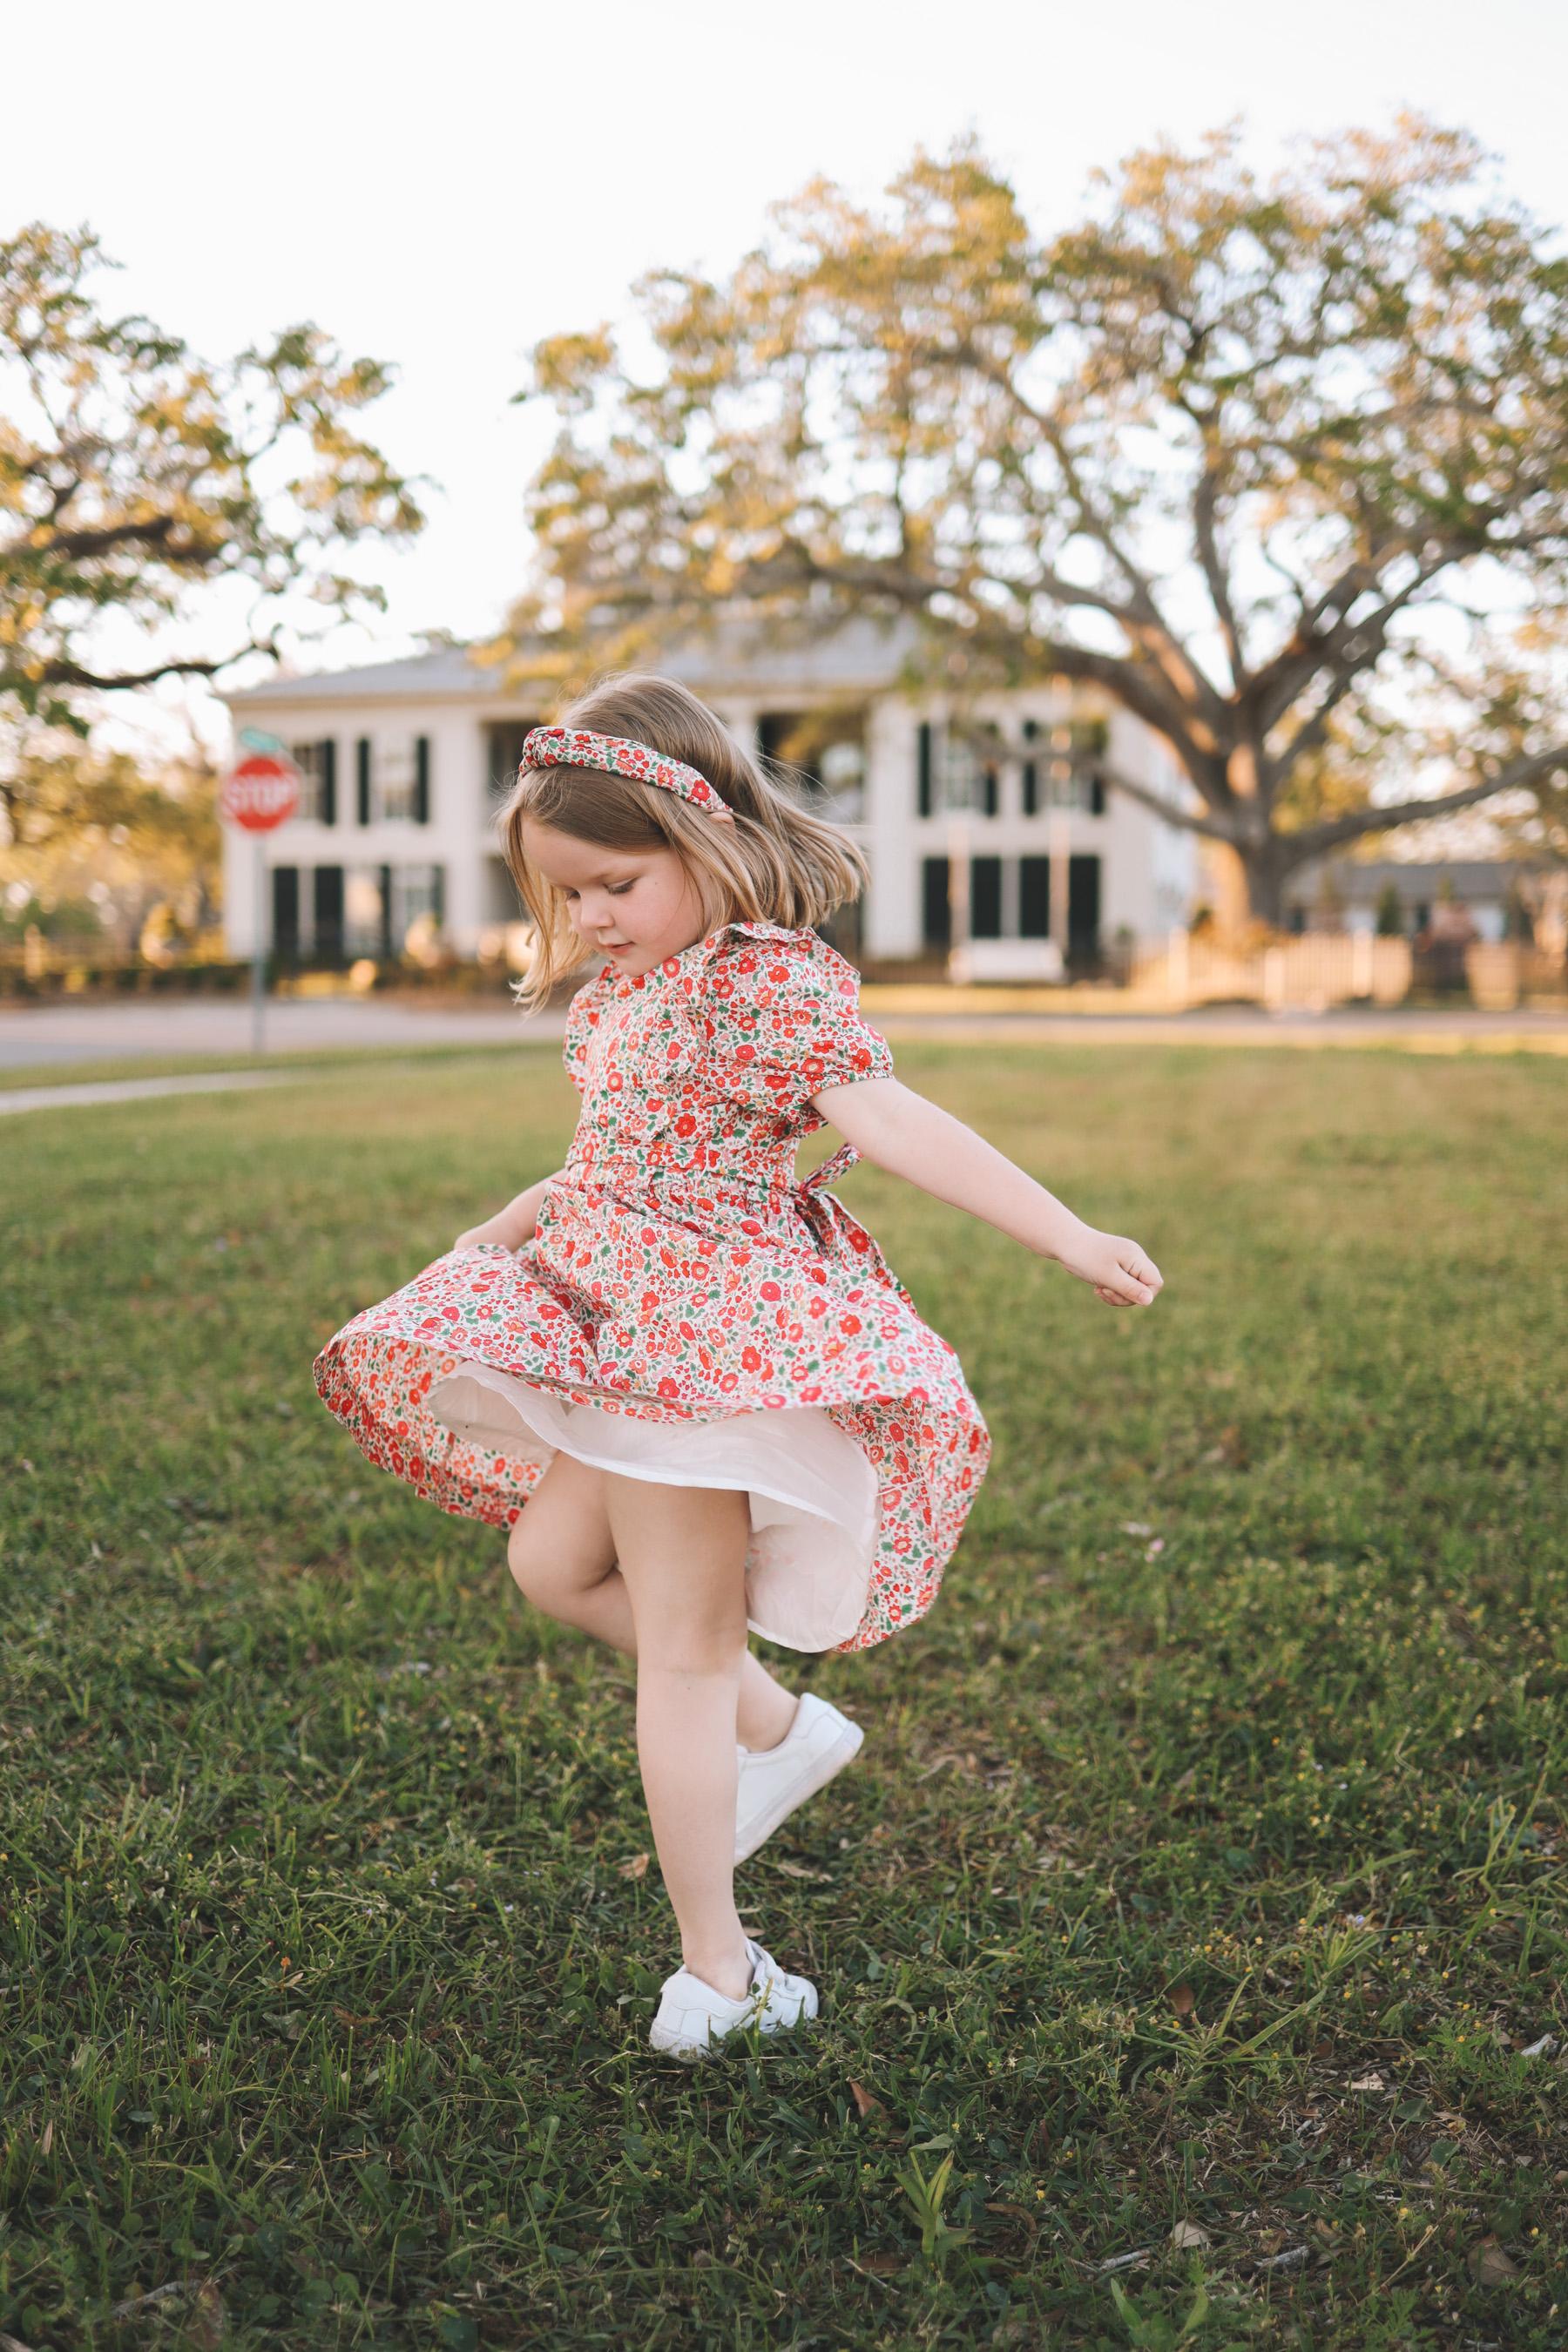 little girl twirling her dress